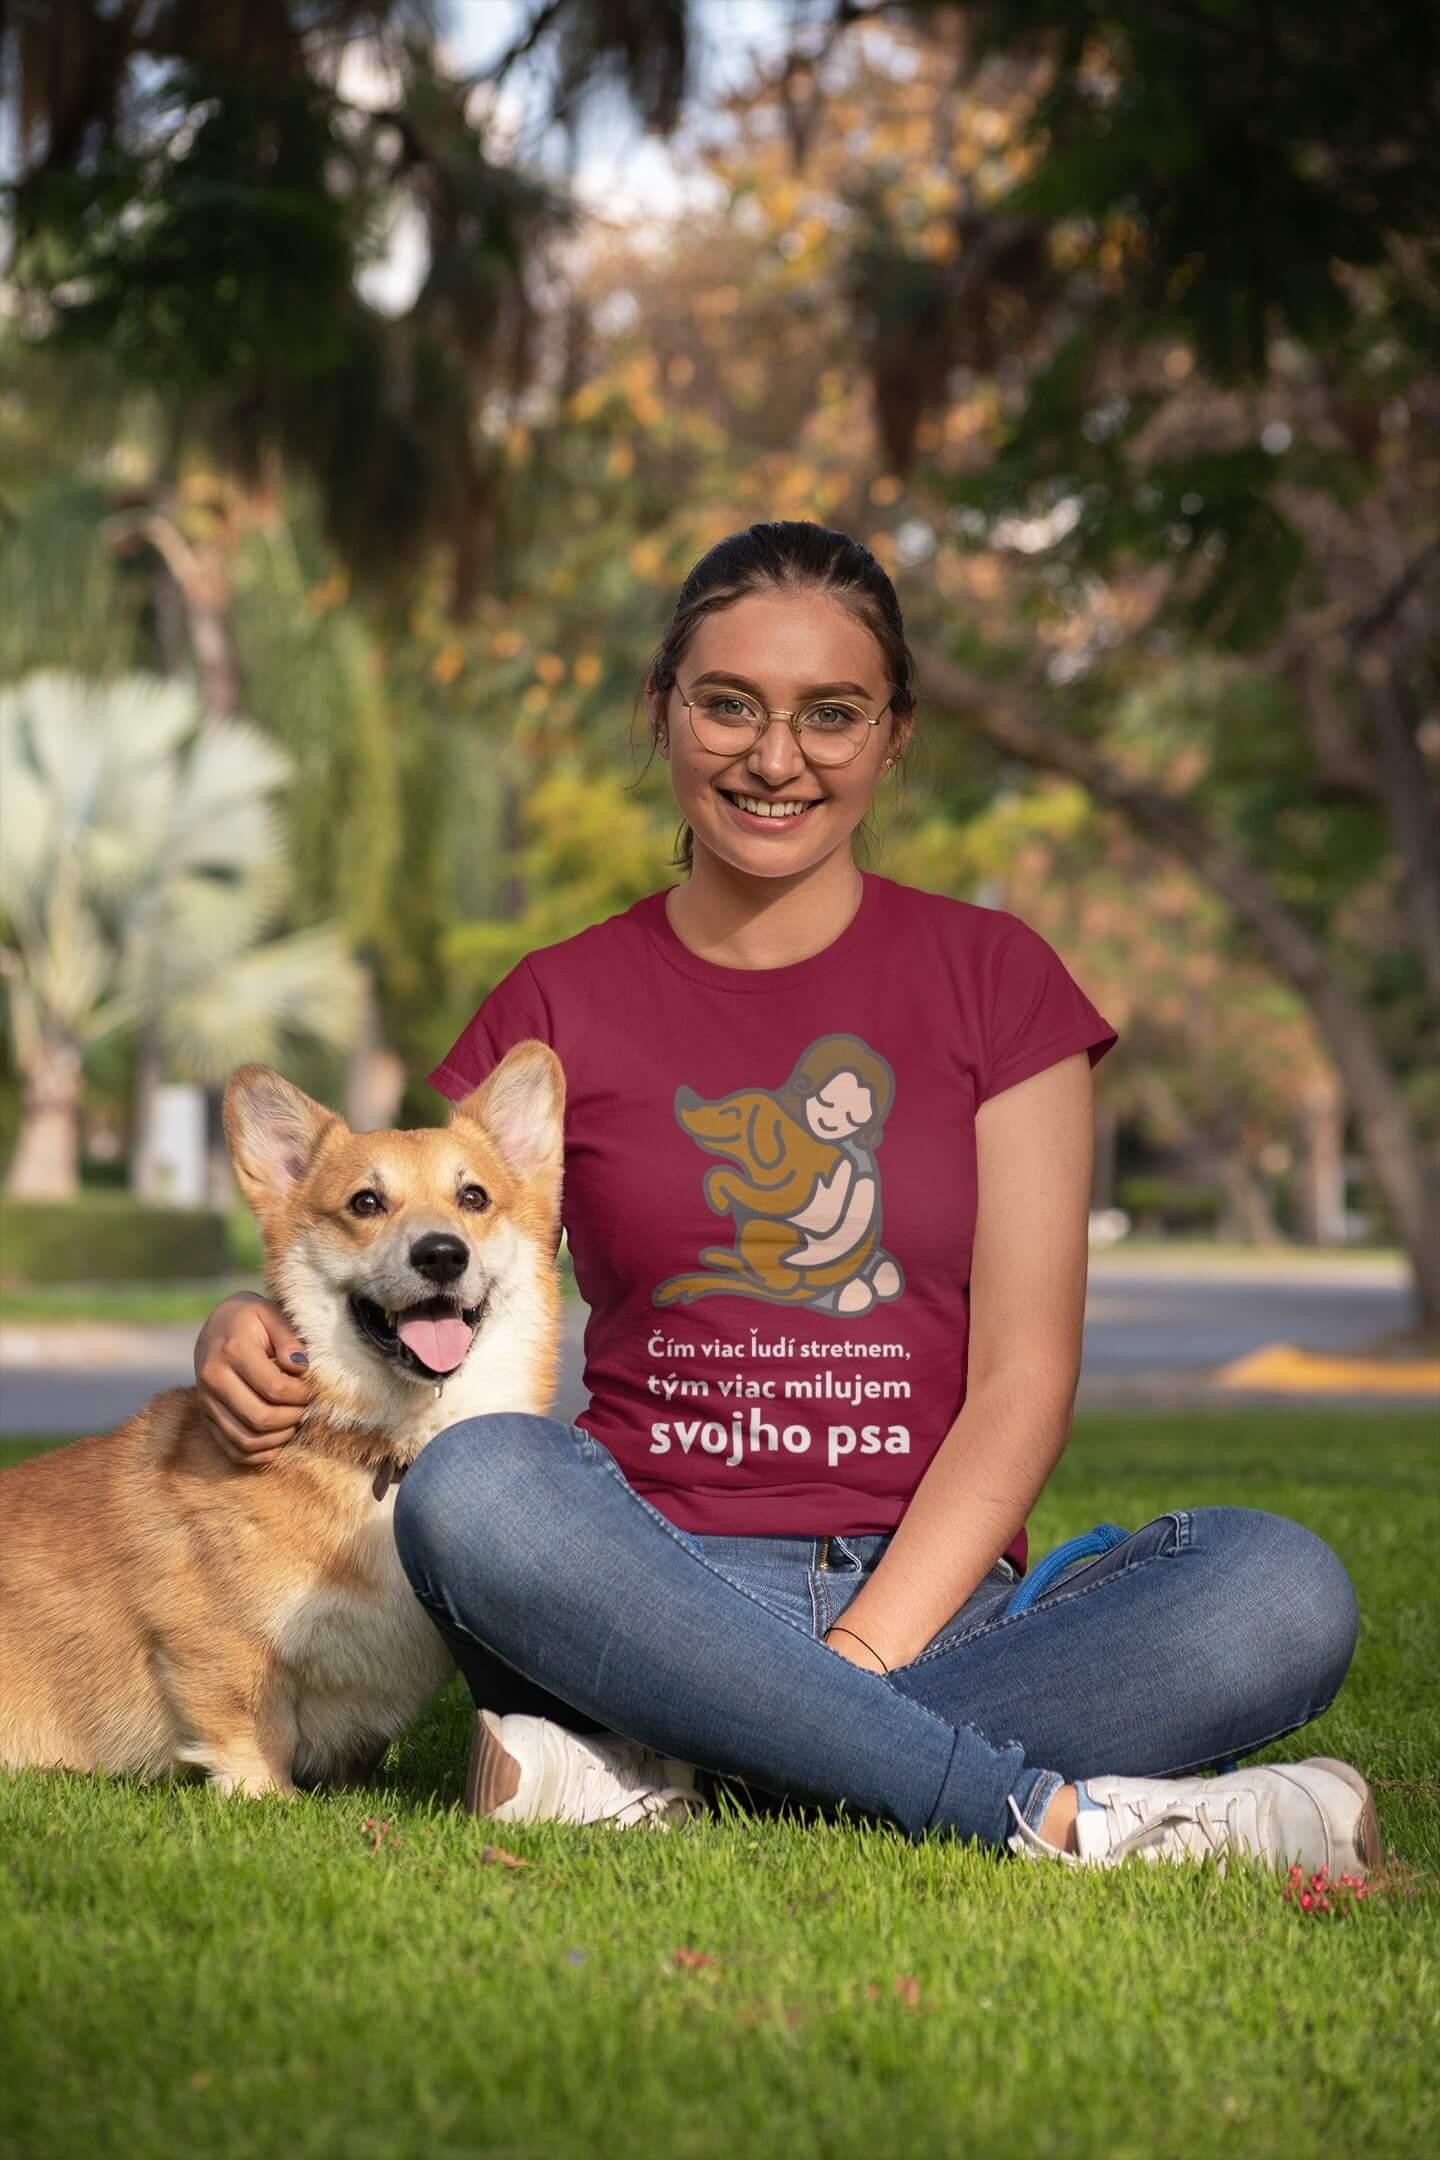 MMO Dámske tričko Milujem svojho psa Vyberte farbu: Marlboro červená, Vyberte veľkosť: XS